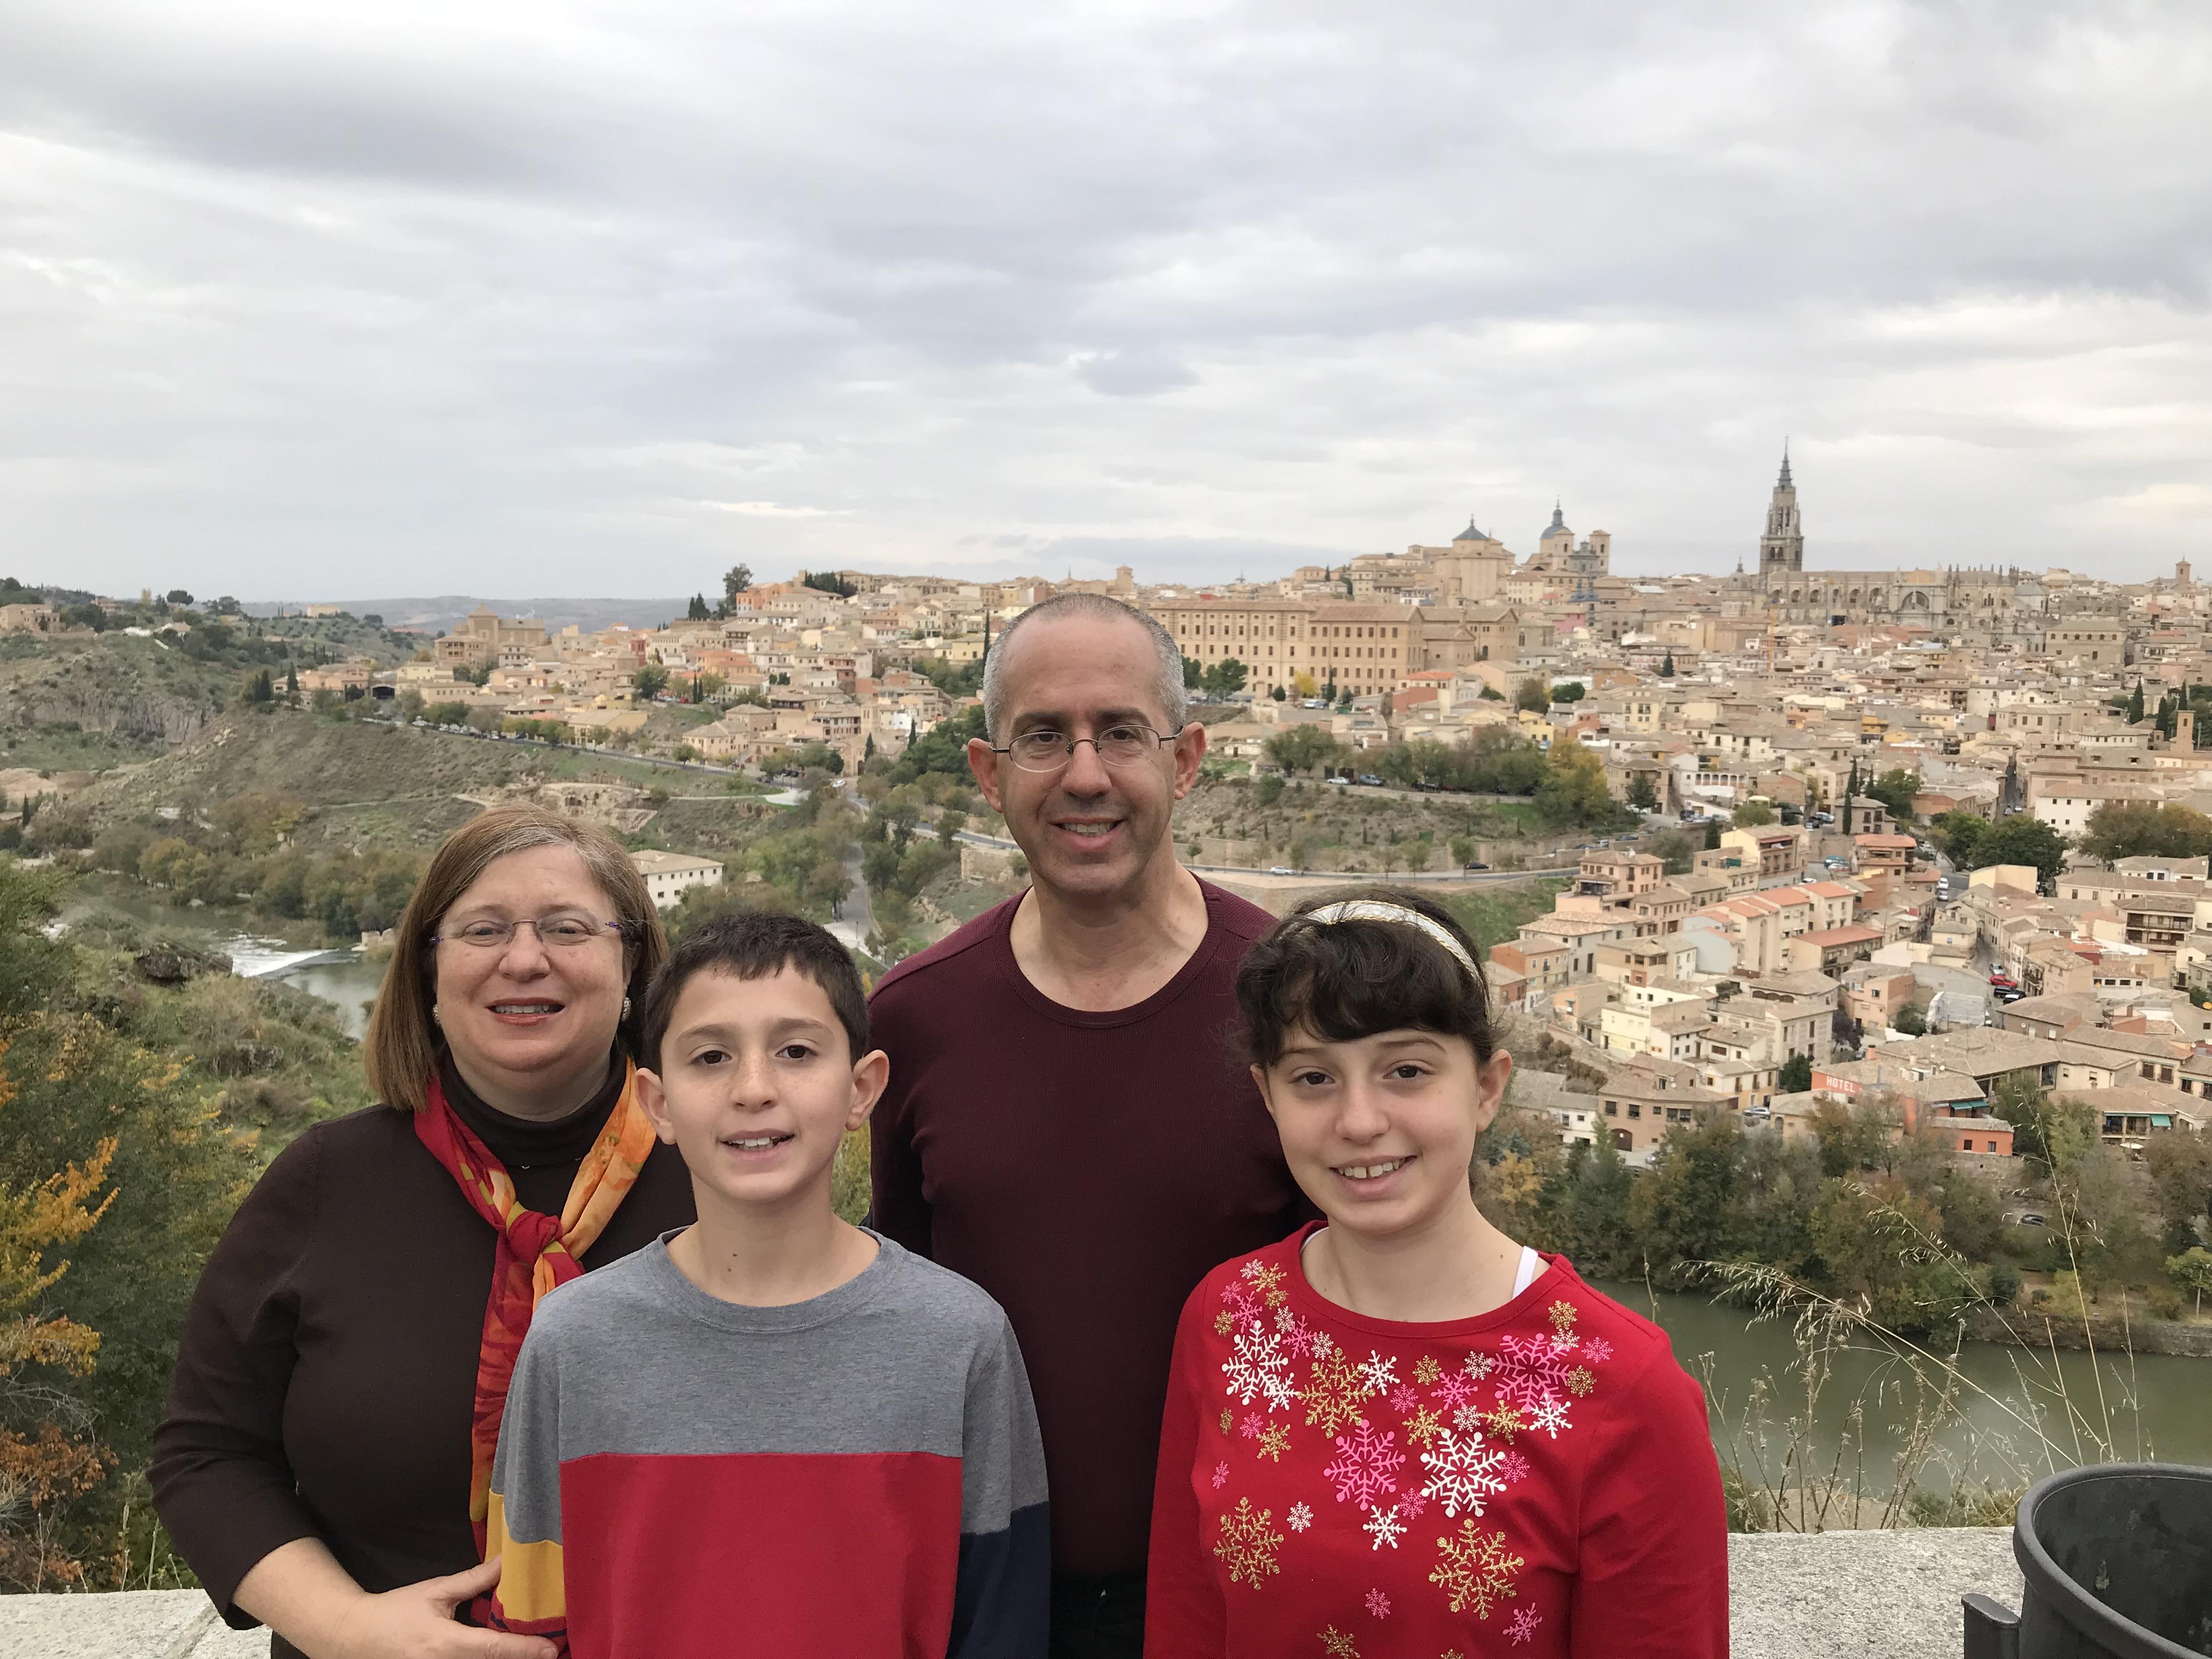 Toledo Leaf Pickup Schedule December 2019 Calendar Global Thoughts 15 December 2018 — including Family Spain Travel